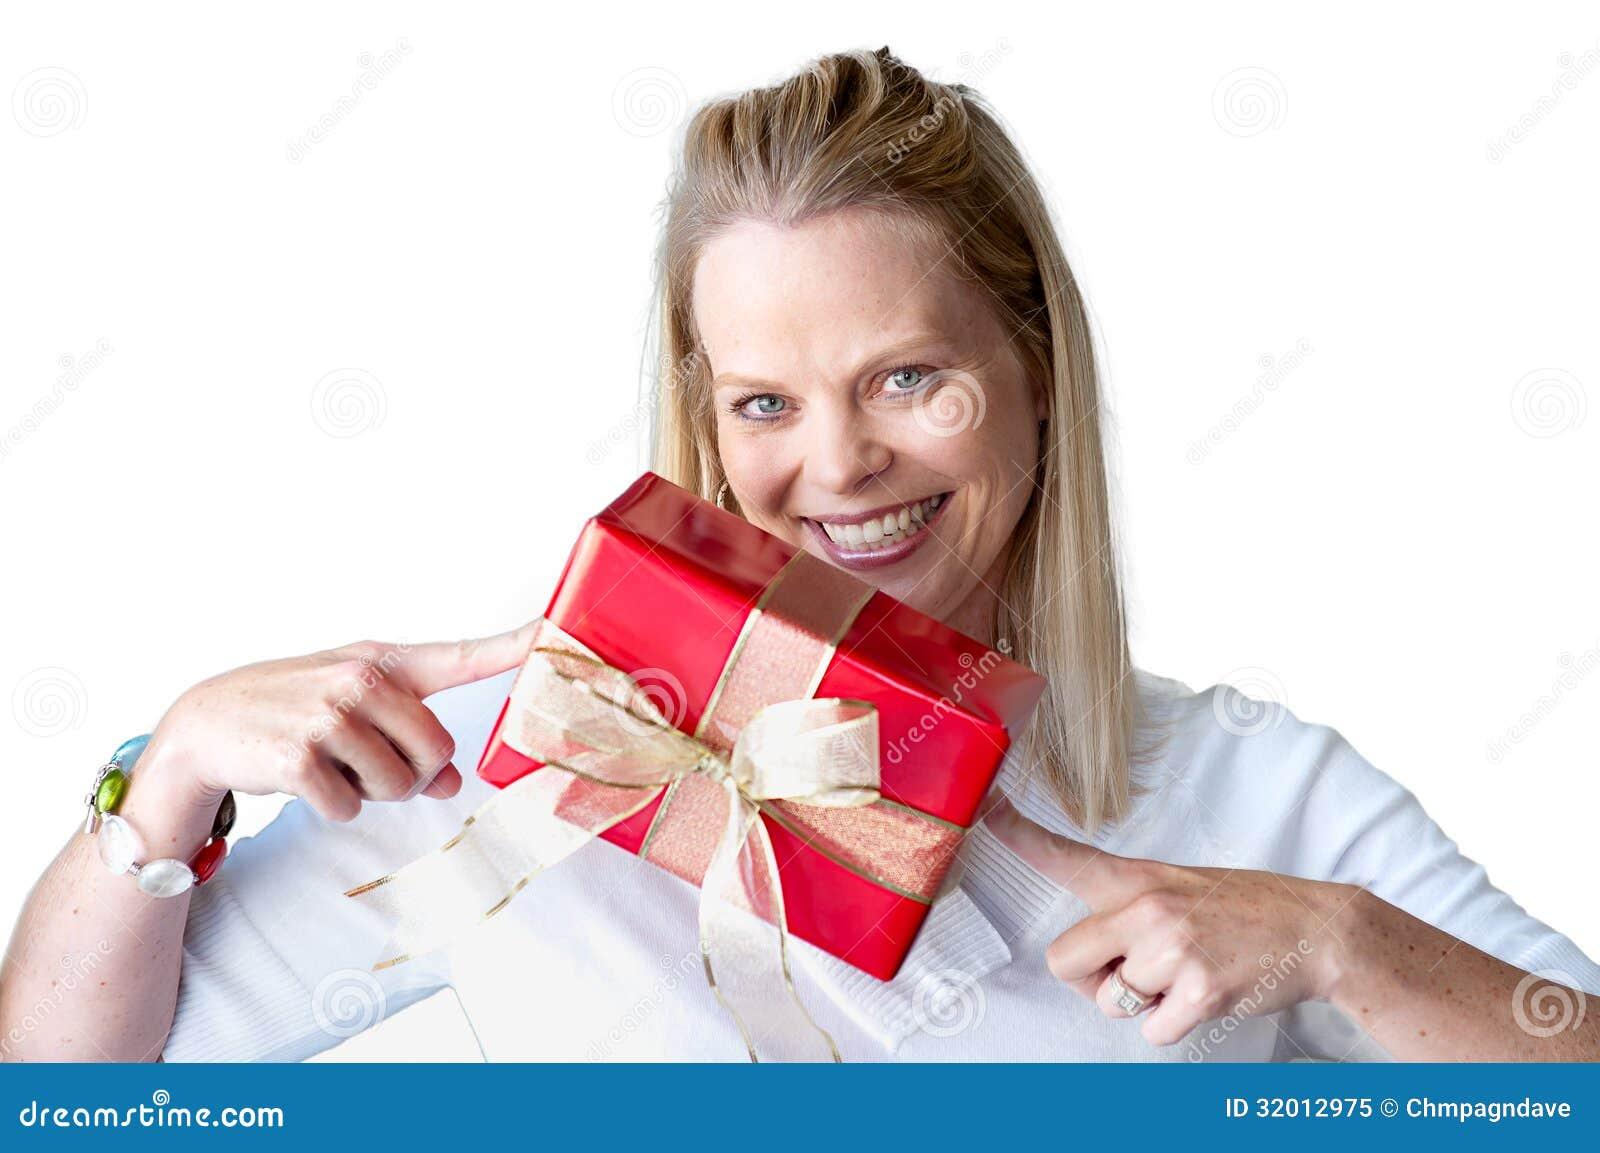 Junge Frau Mit Weihnachtsgeschenk Stockbild - Bild von beifall ...